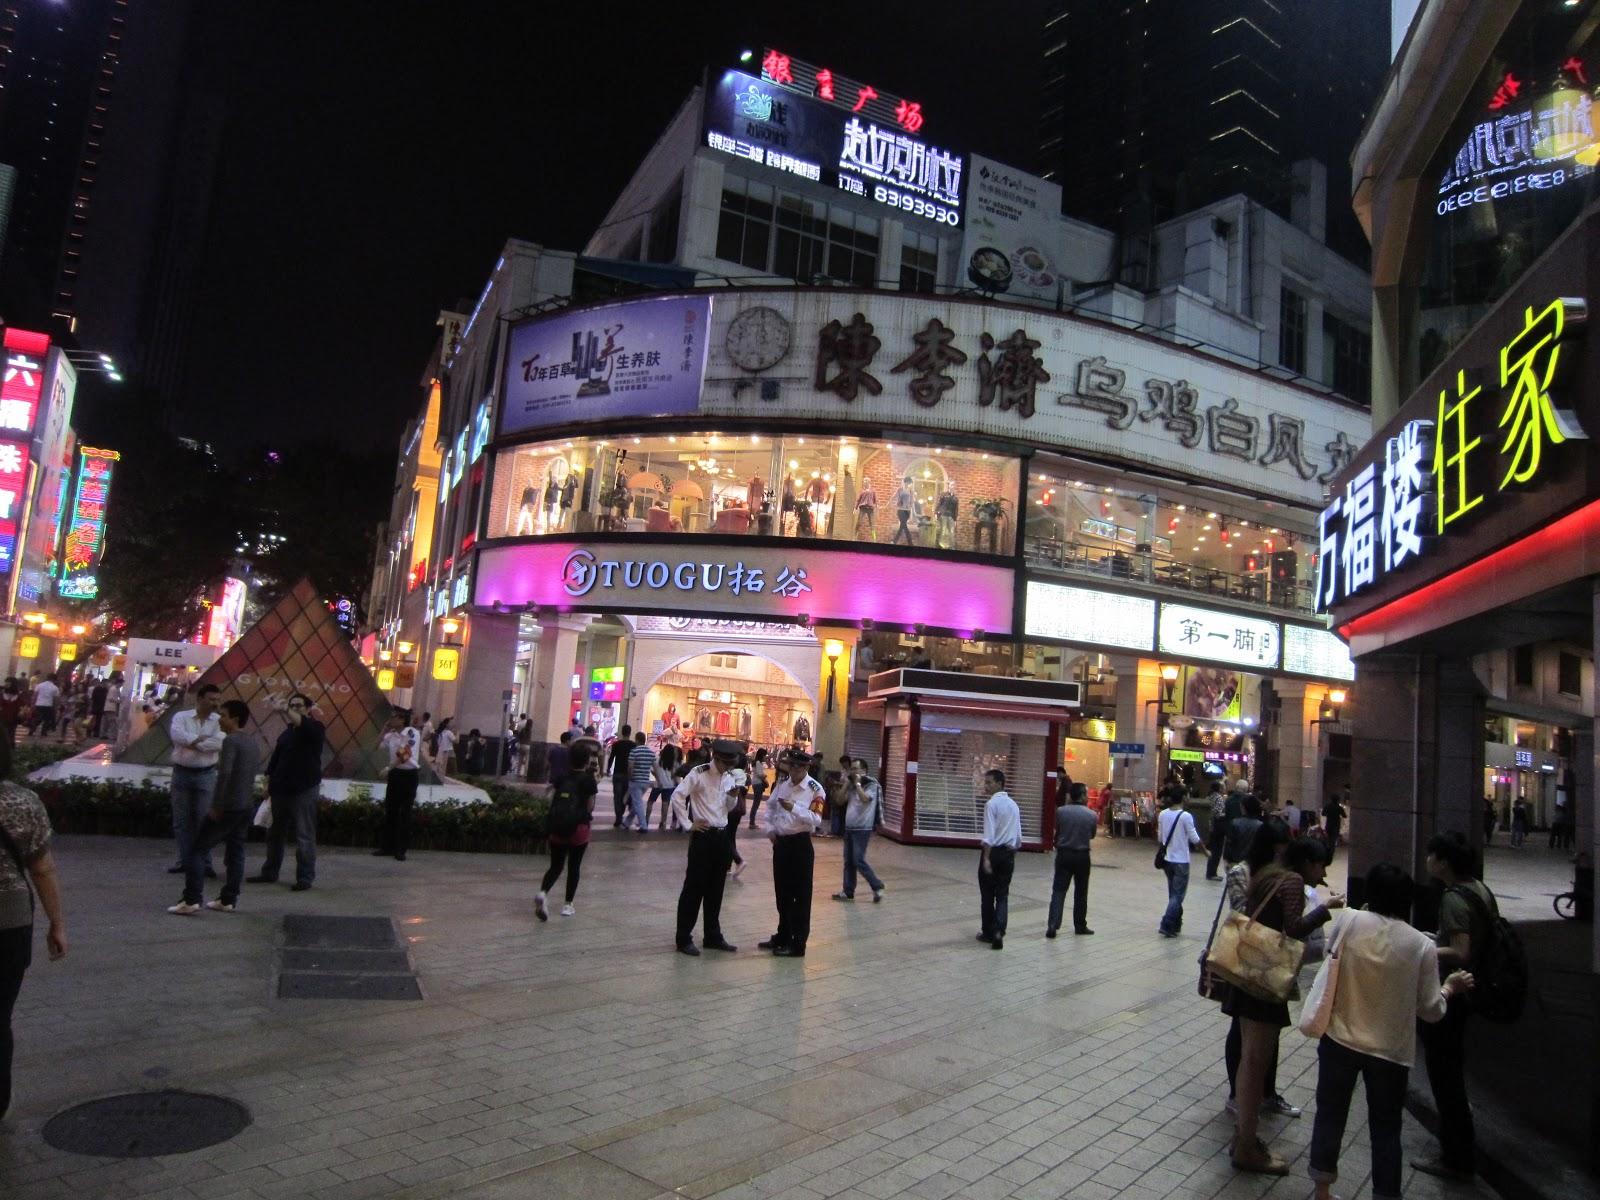 Dancing queen 味歷人生: 廣州 ~ 老廣州回憶 vs 新時代口味